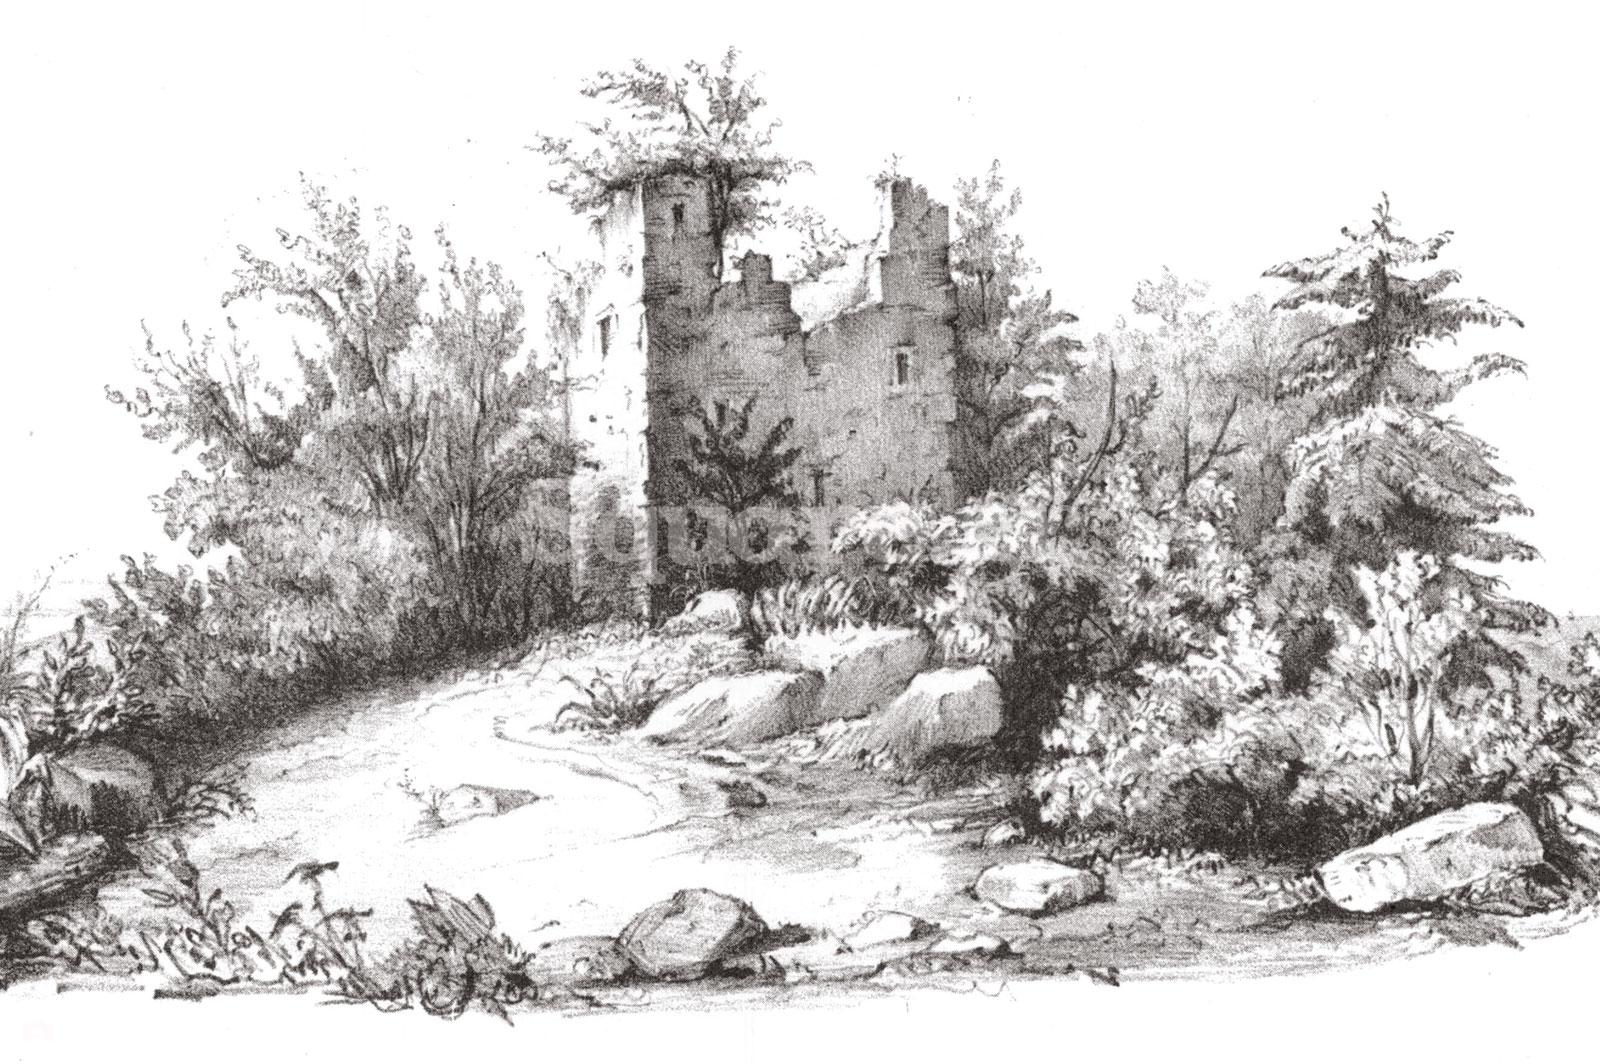 8-Jean-Alexandre-Buchon,-Nouvelles-recherches-historiques-sur-la-principaute-francaise-de-Moree,,,-1843-Ruines-Achmet-Aga